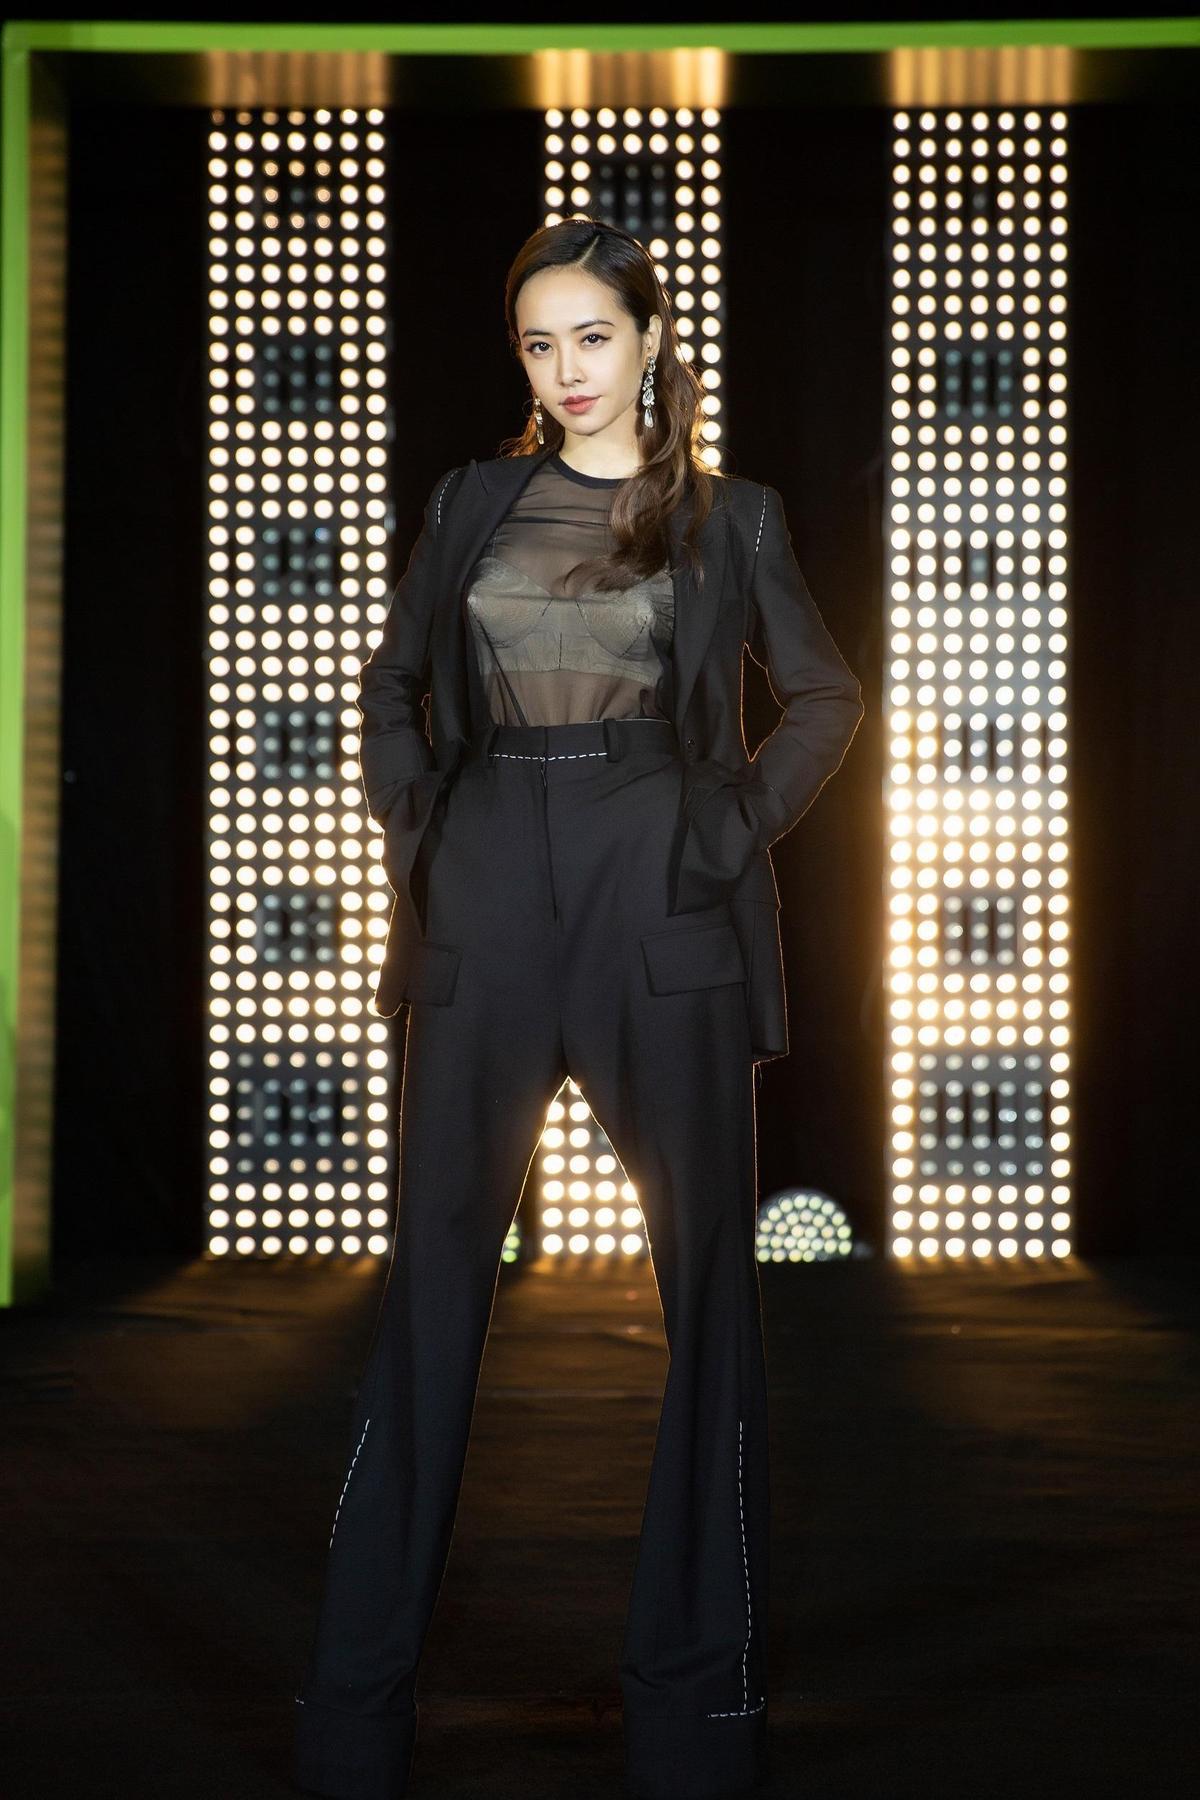 蔡依林北京舉辦發片記者會,黑色透視裝露出白色BRA低調又性感。(索尼唱片提供)